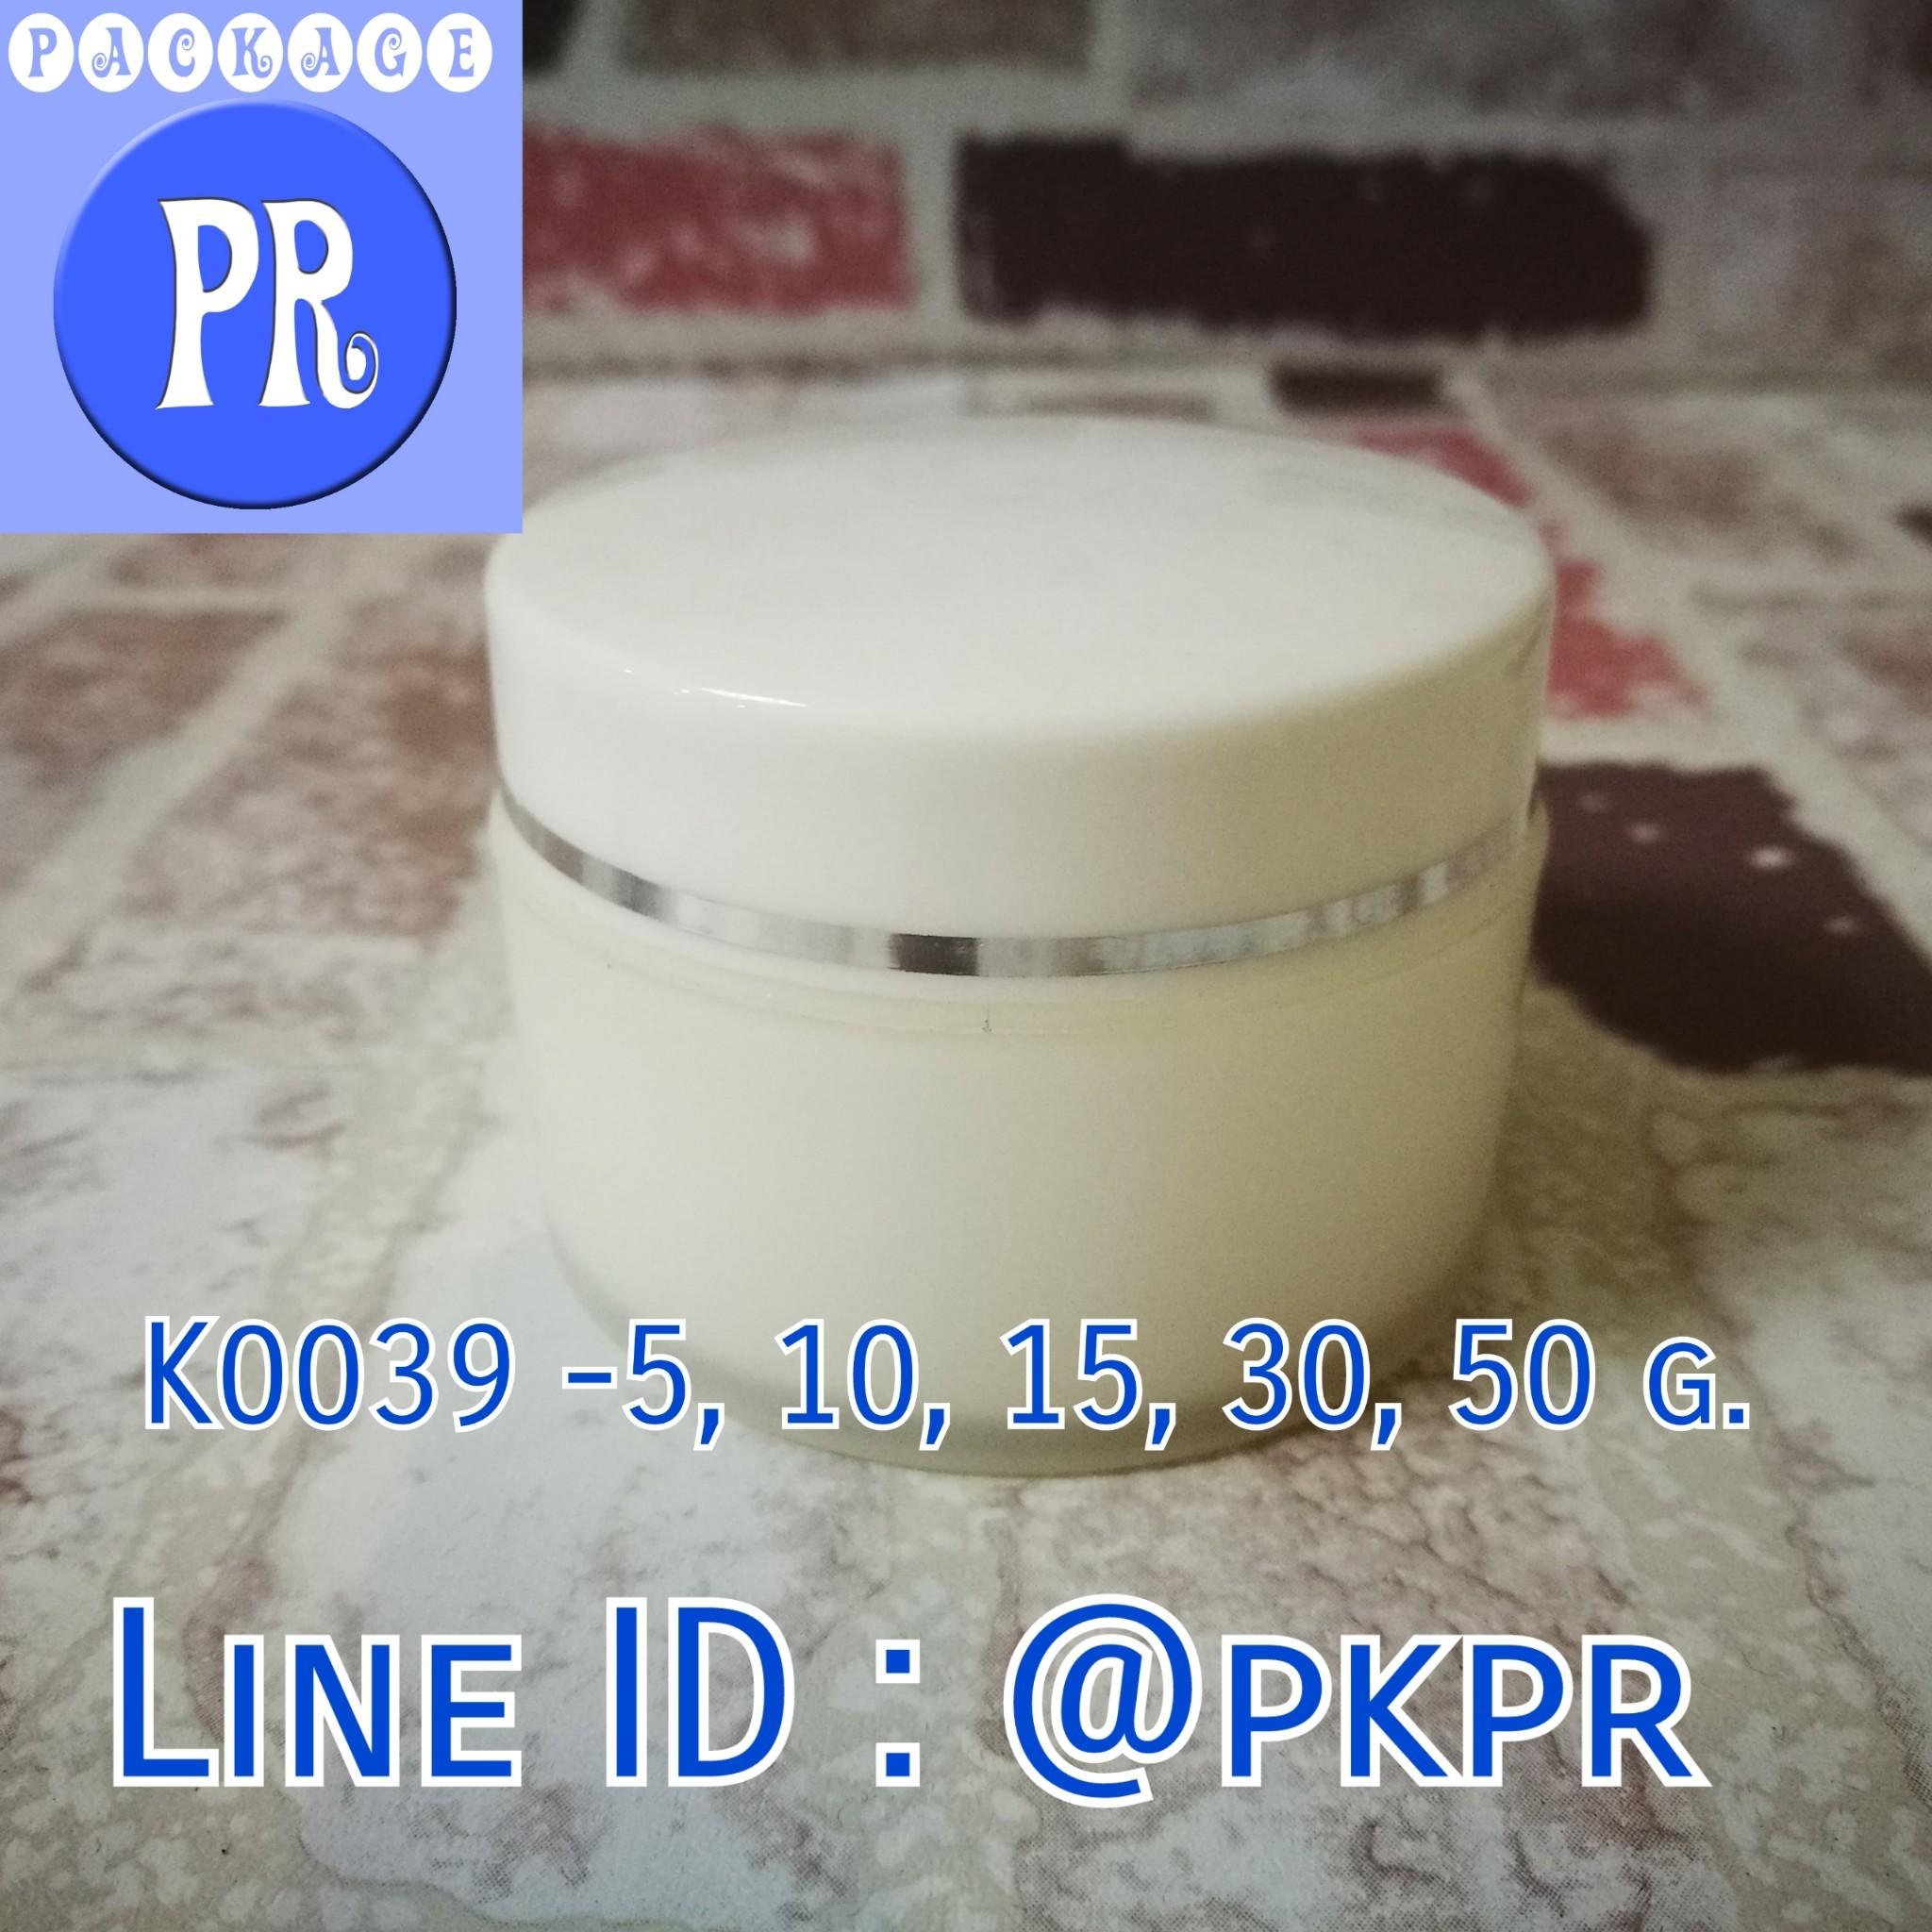 K0039 - 30 g.